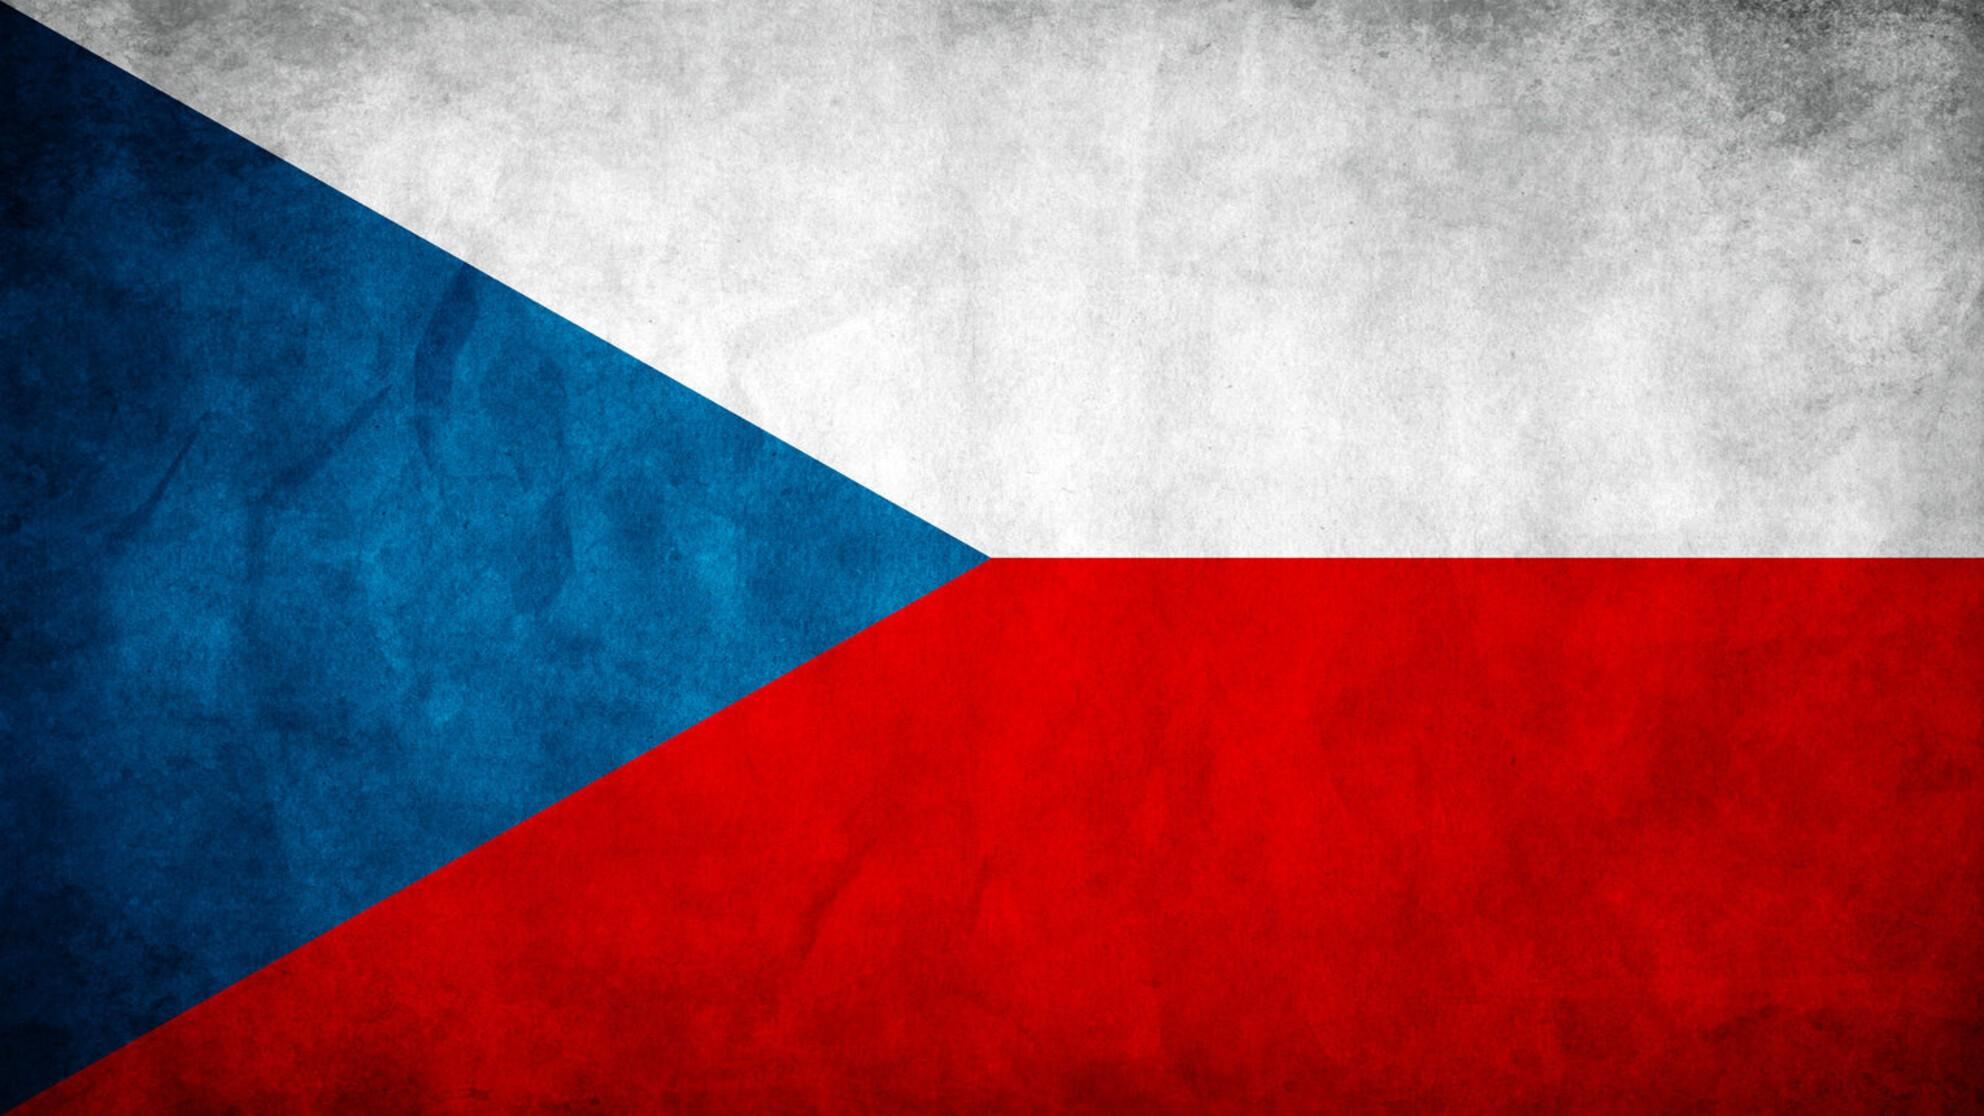 New Czech Republic team in Sinners has formed